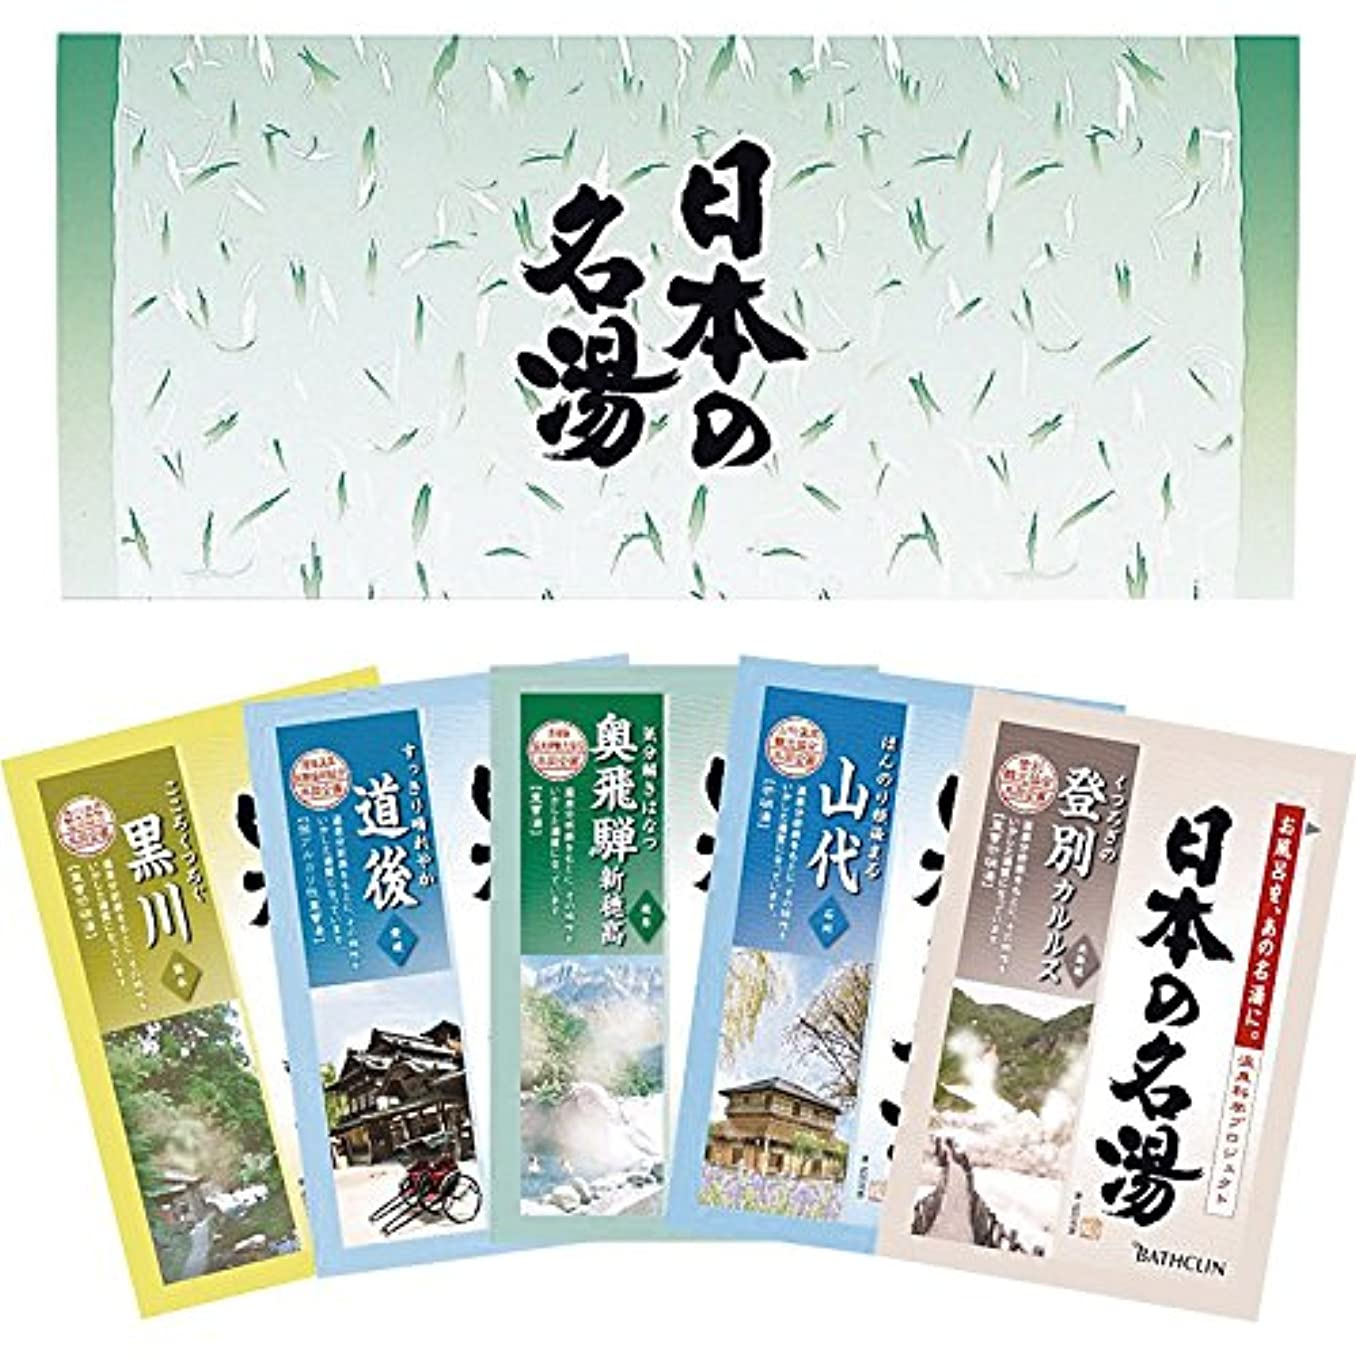 嫌な犯す自治的バスクリン 日本の名湯 5包セット OT-3D 【洗面所 入浴剤 温泉 薬用 5袋 リラックス おふろ バスグッズ】